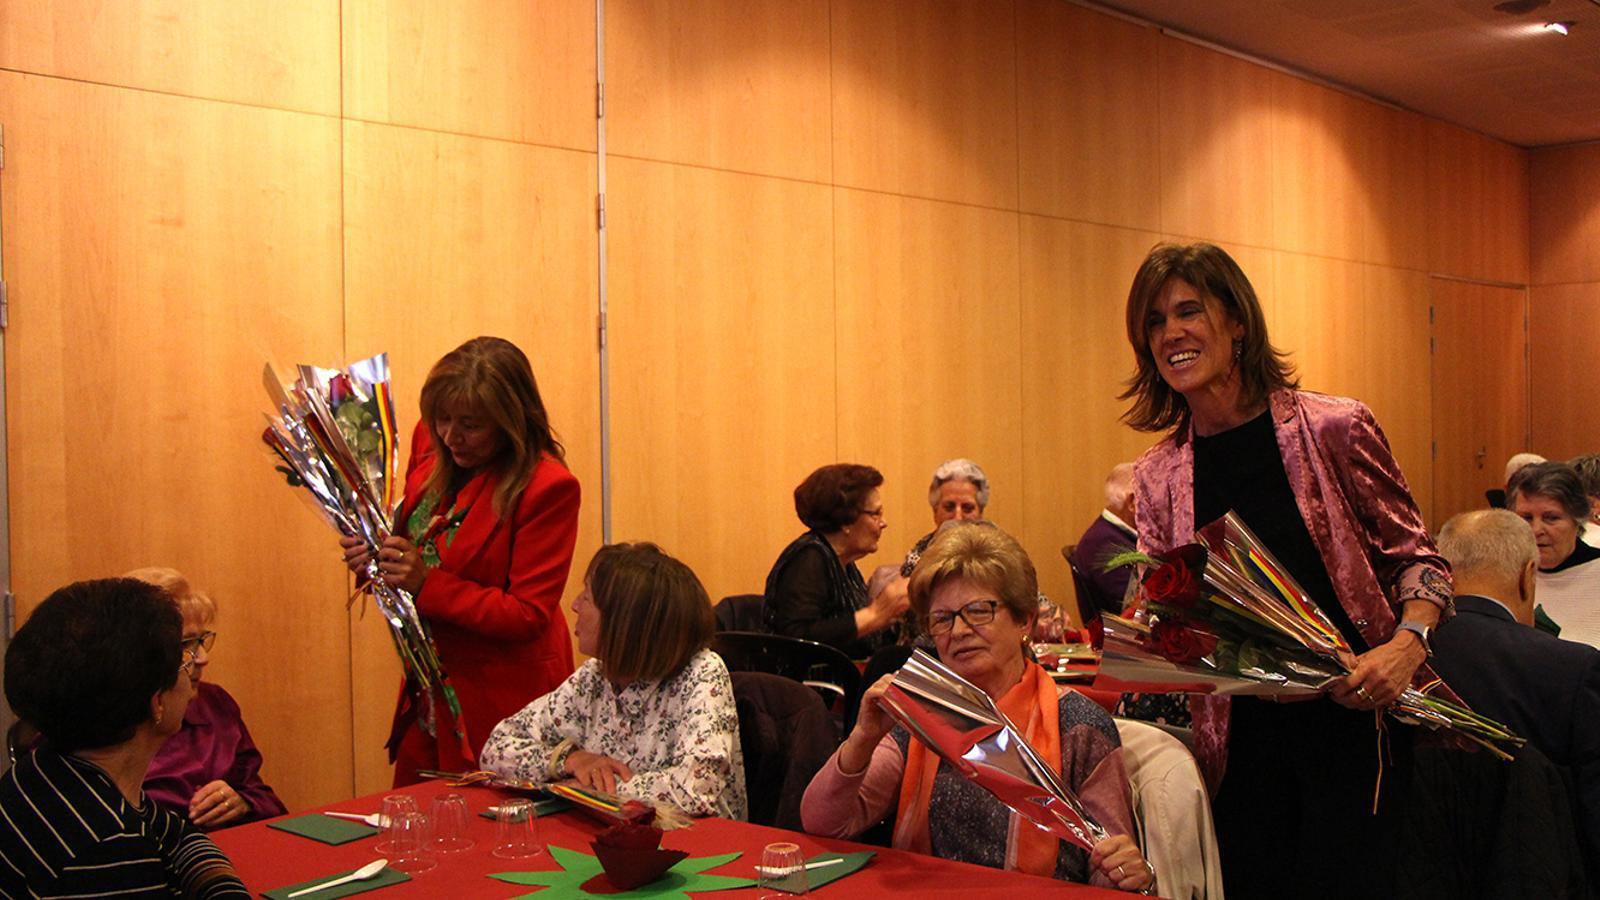 La cònsol major d'Andorra la Vella, Conxita Marsol, i la consellera de Social i Participació Ciutadana, Ester Vilarrubla, reparteixien flors i llibres entre els padrins. / M. F. (ANA)